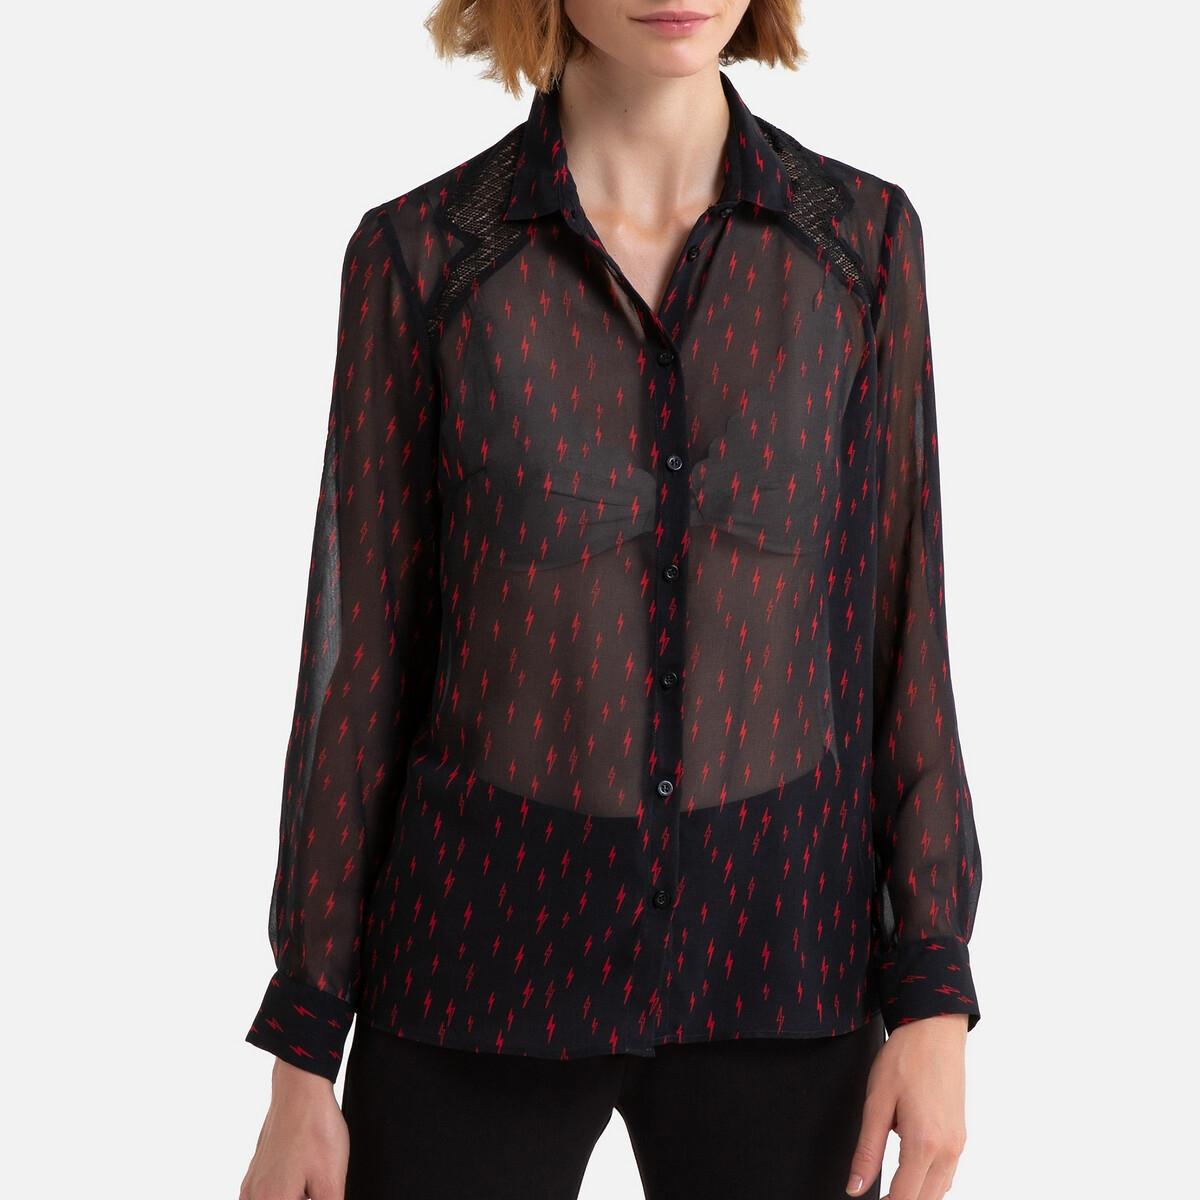 Фото - Блузка LaRedoute Прозрачная с рисунком и длинными рукавами 42 (FR) - 48 (RUS) черный блузка с рисунком и длинными рукавами для периода беременности